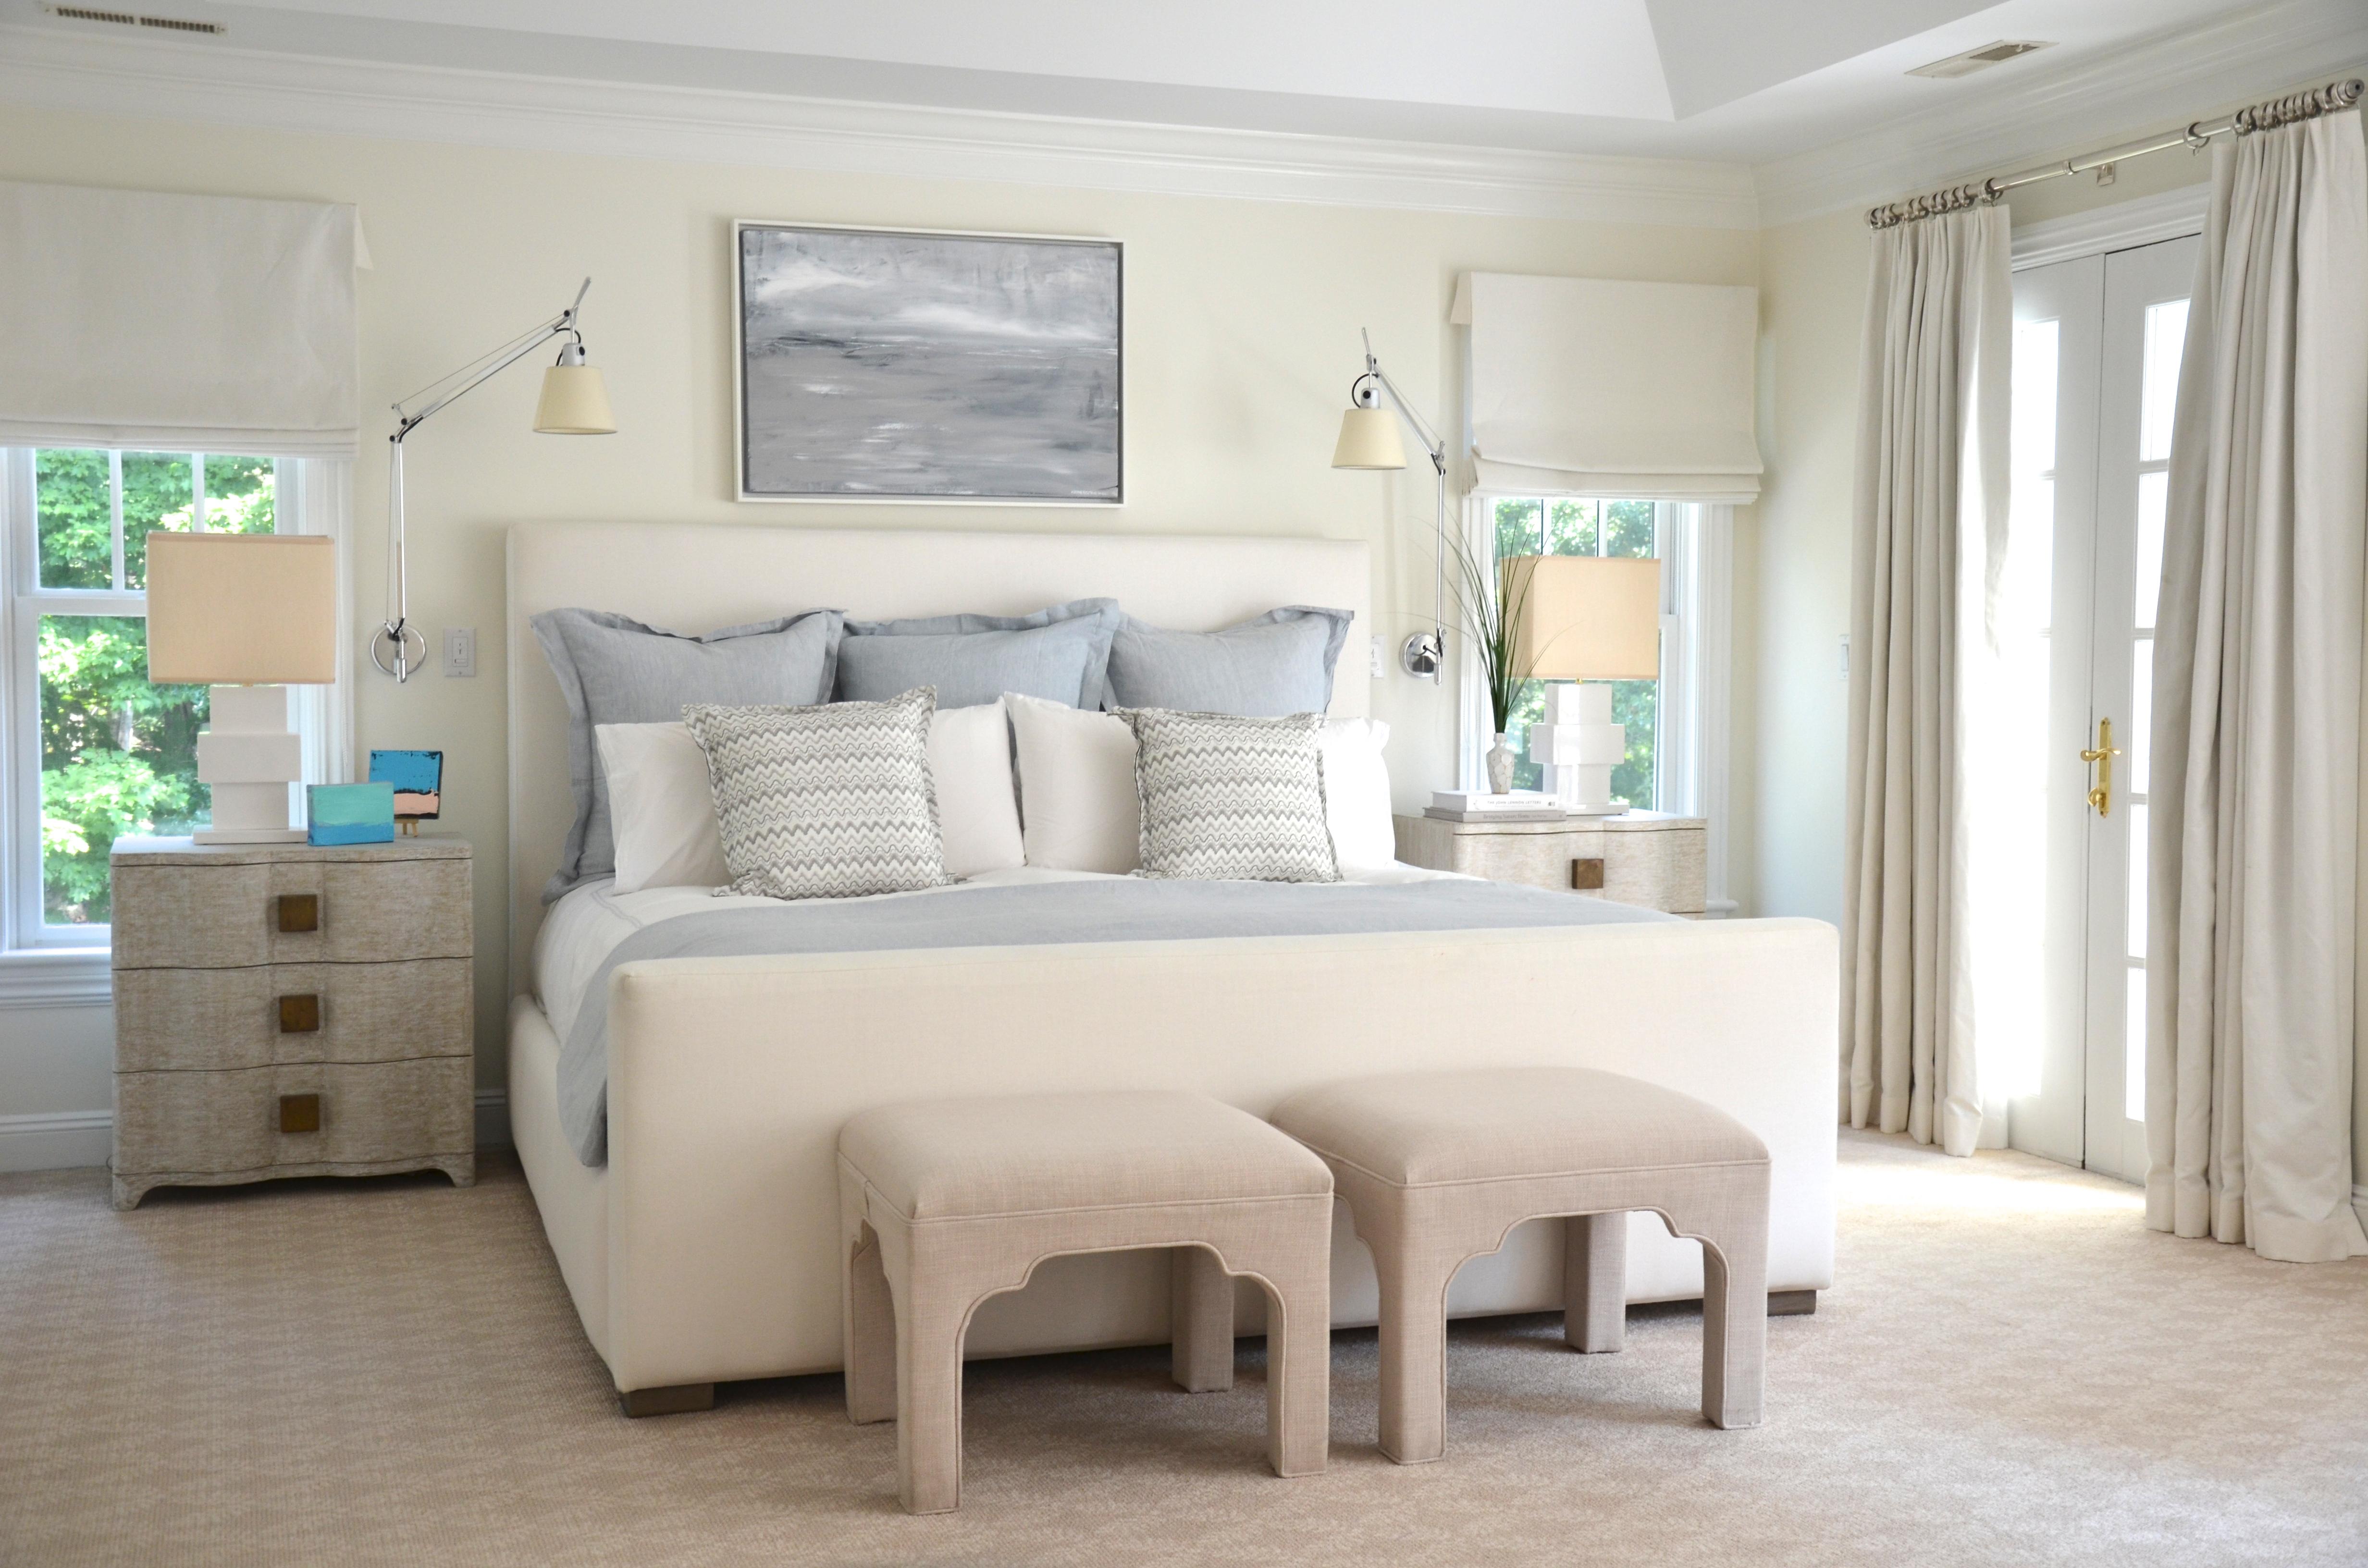 como decorar tu habitacion cojines